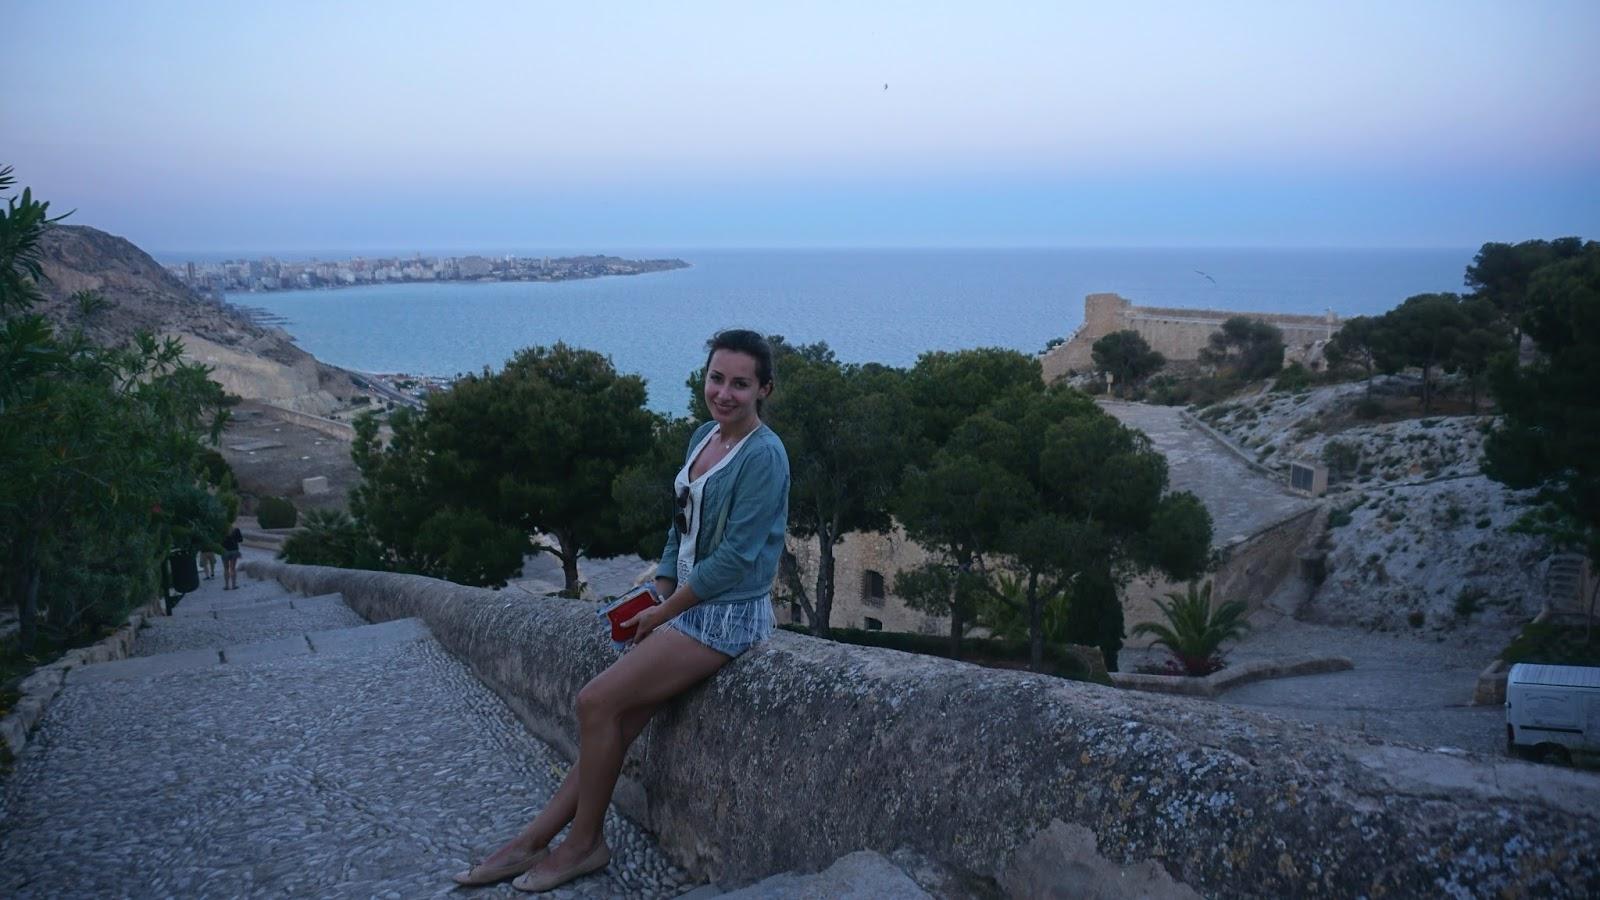 Castillo de Santa Bárbara, atrakcje Hiszpanii, Alicante, Costa Blanca